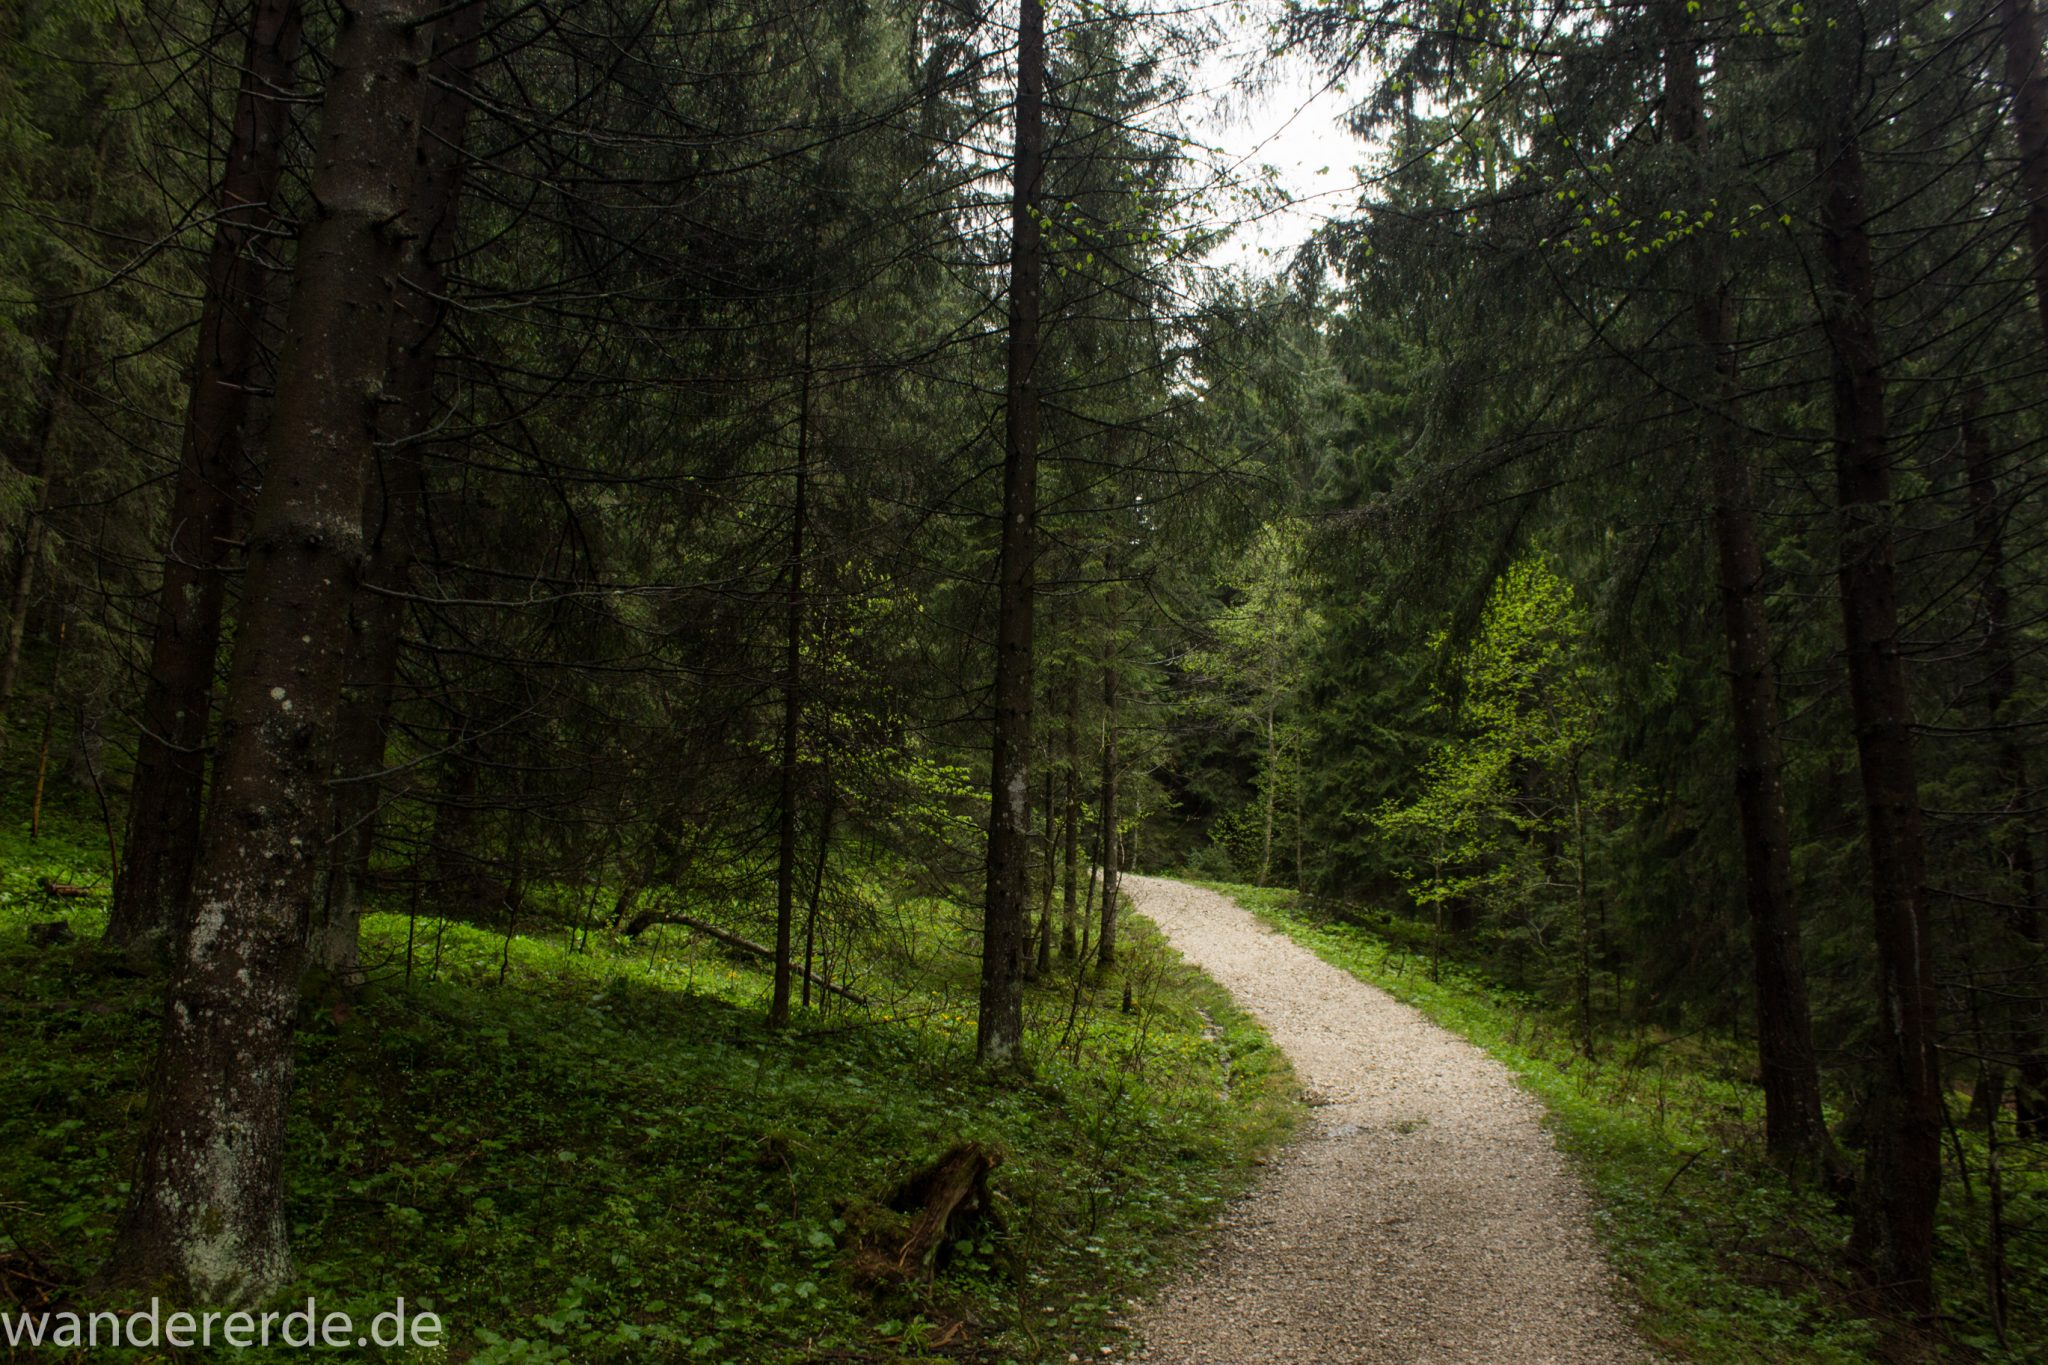 Wandern beim Tegelberg, Tegelbergkopf Wanderung bei Stadt Füssen – Parkplatz Drehhütte bis Rohrkopfhütte, Wanderweg durch schönen und dichten Wald, wolkig, tolle Atmosphäre, saftig grüne Wiese